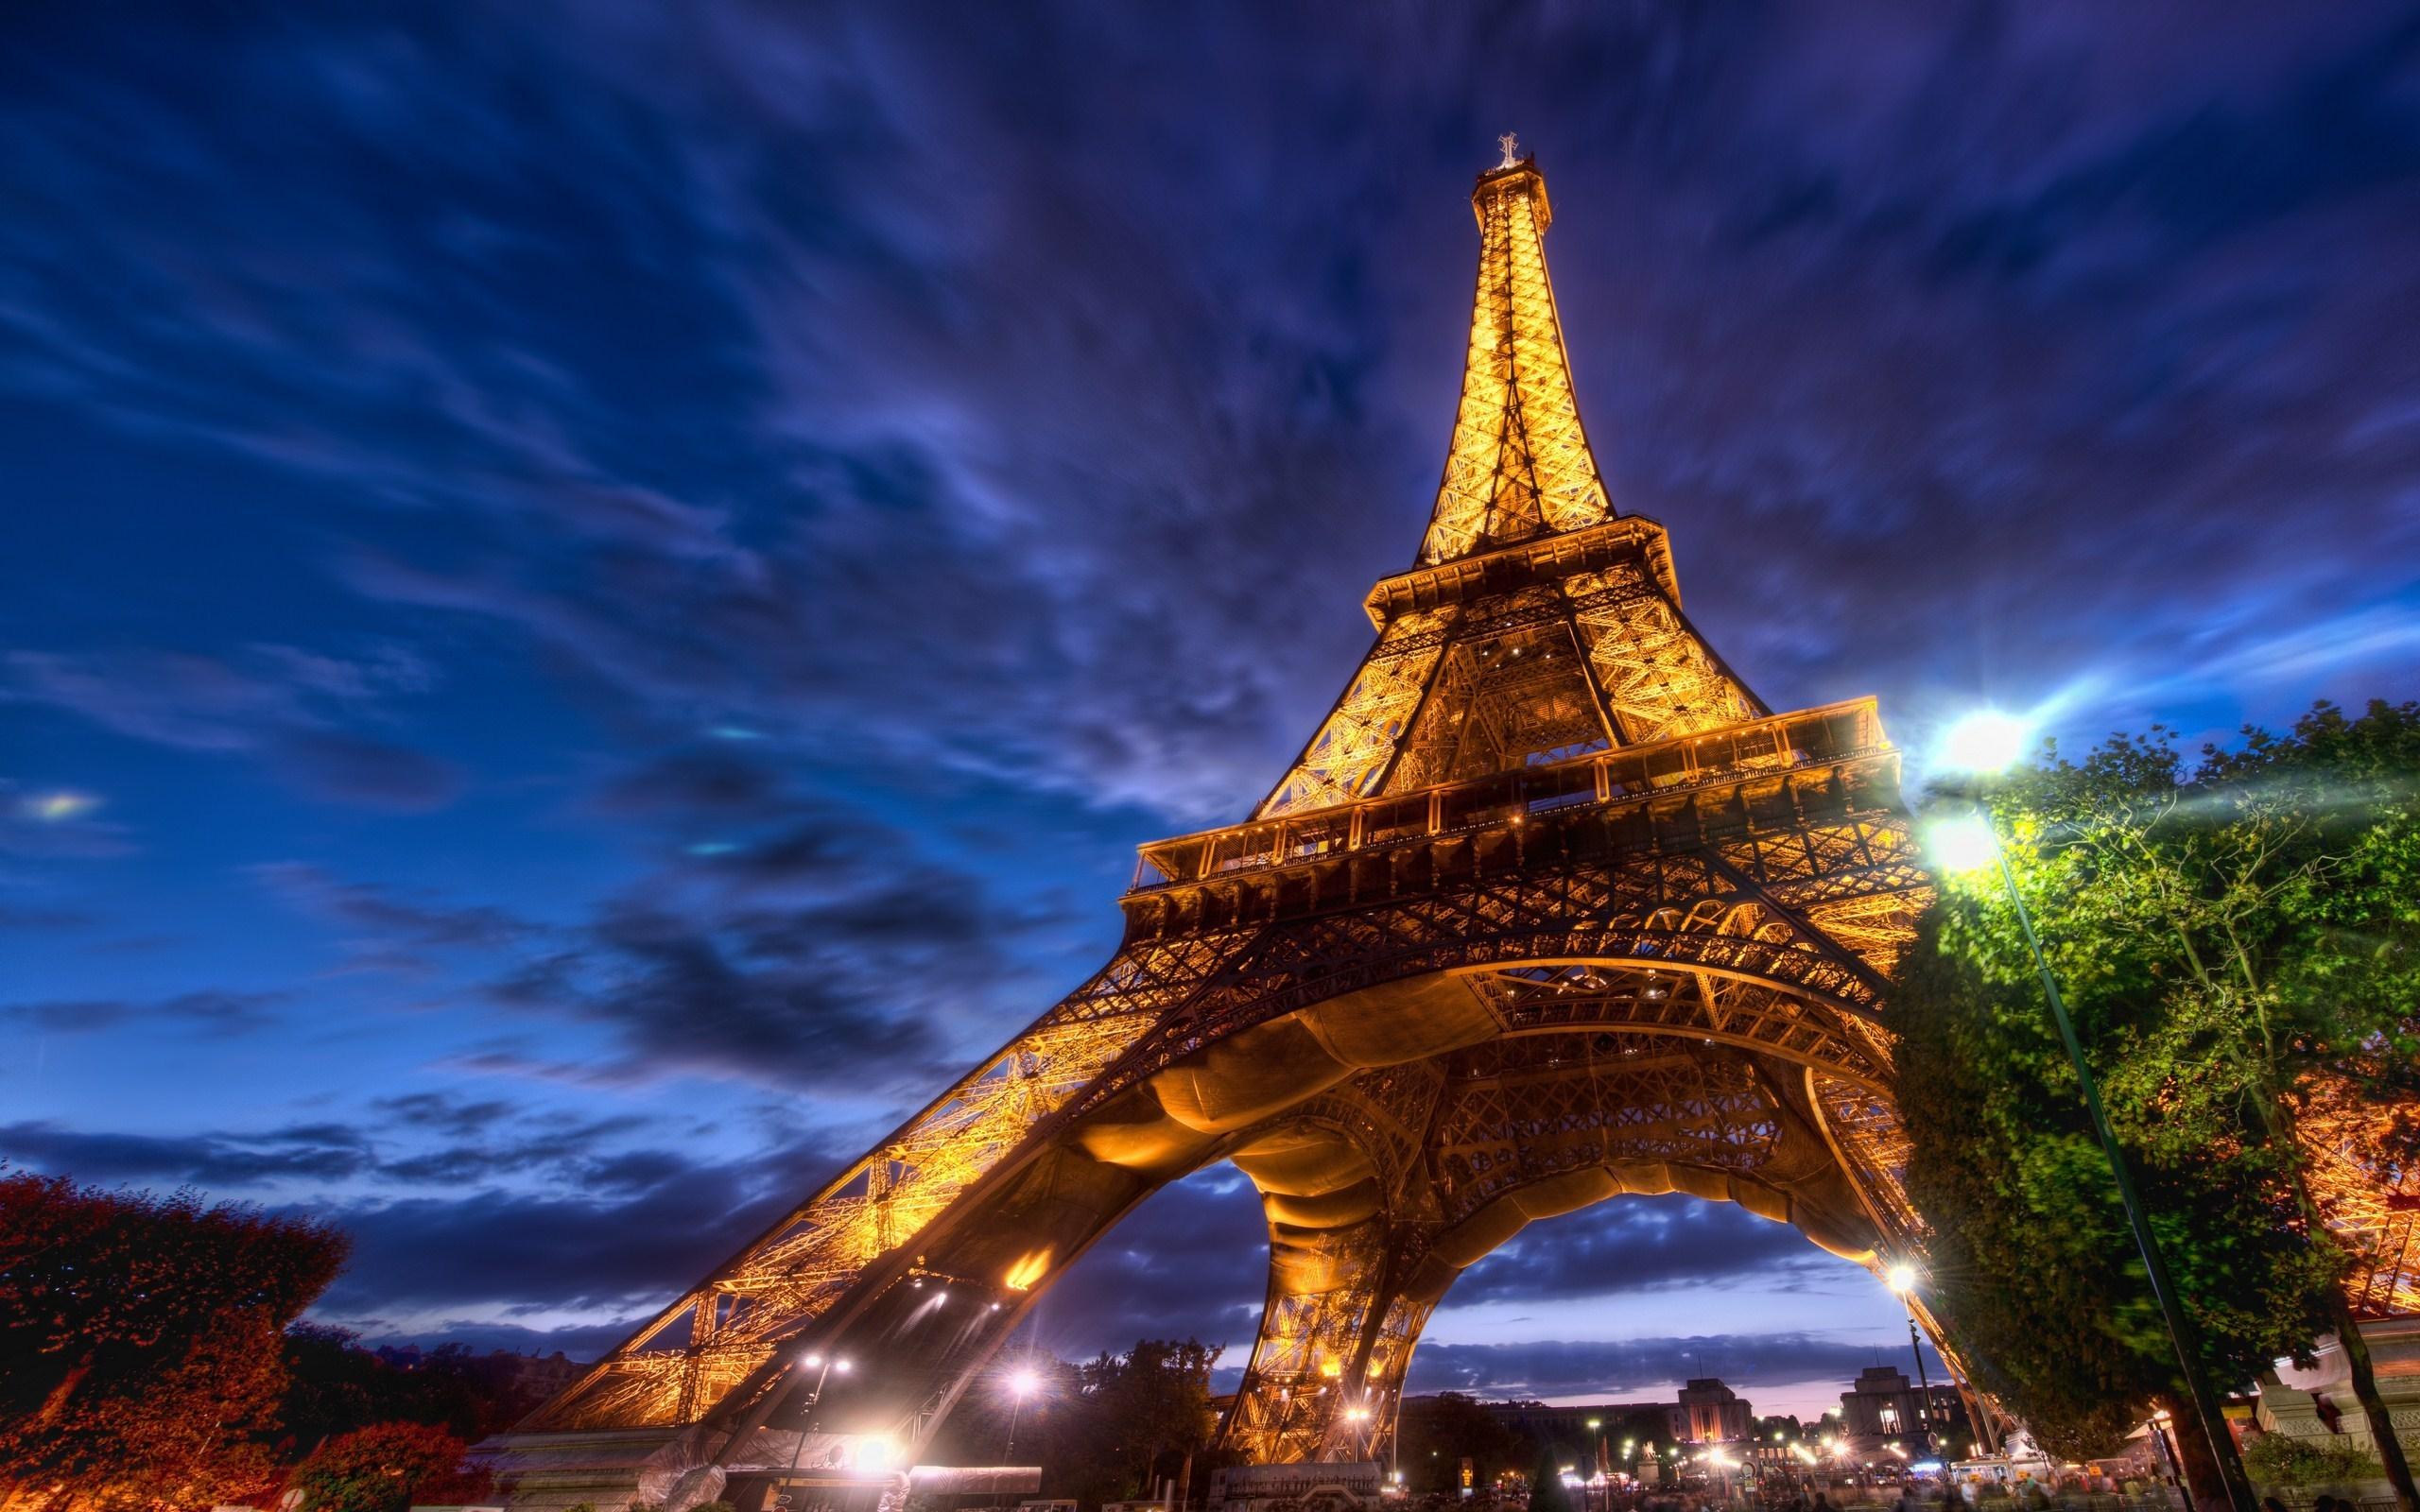 Aerial View of Place de lrEtoile, Paris, France бесплатно